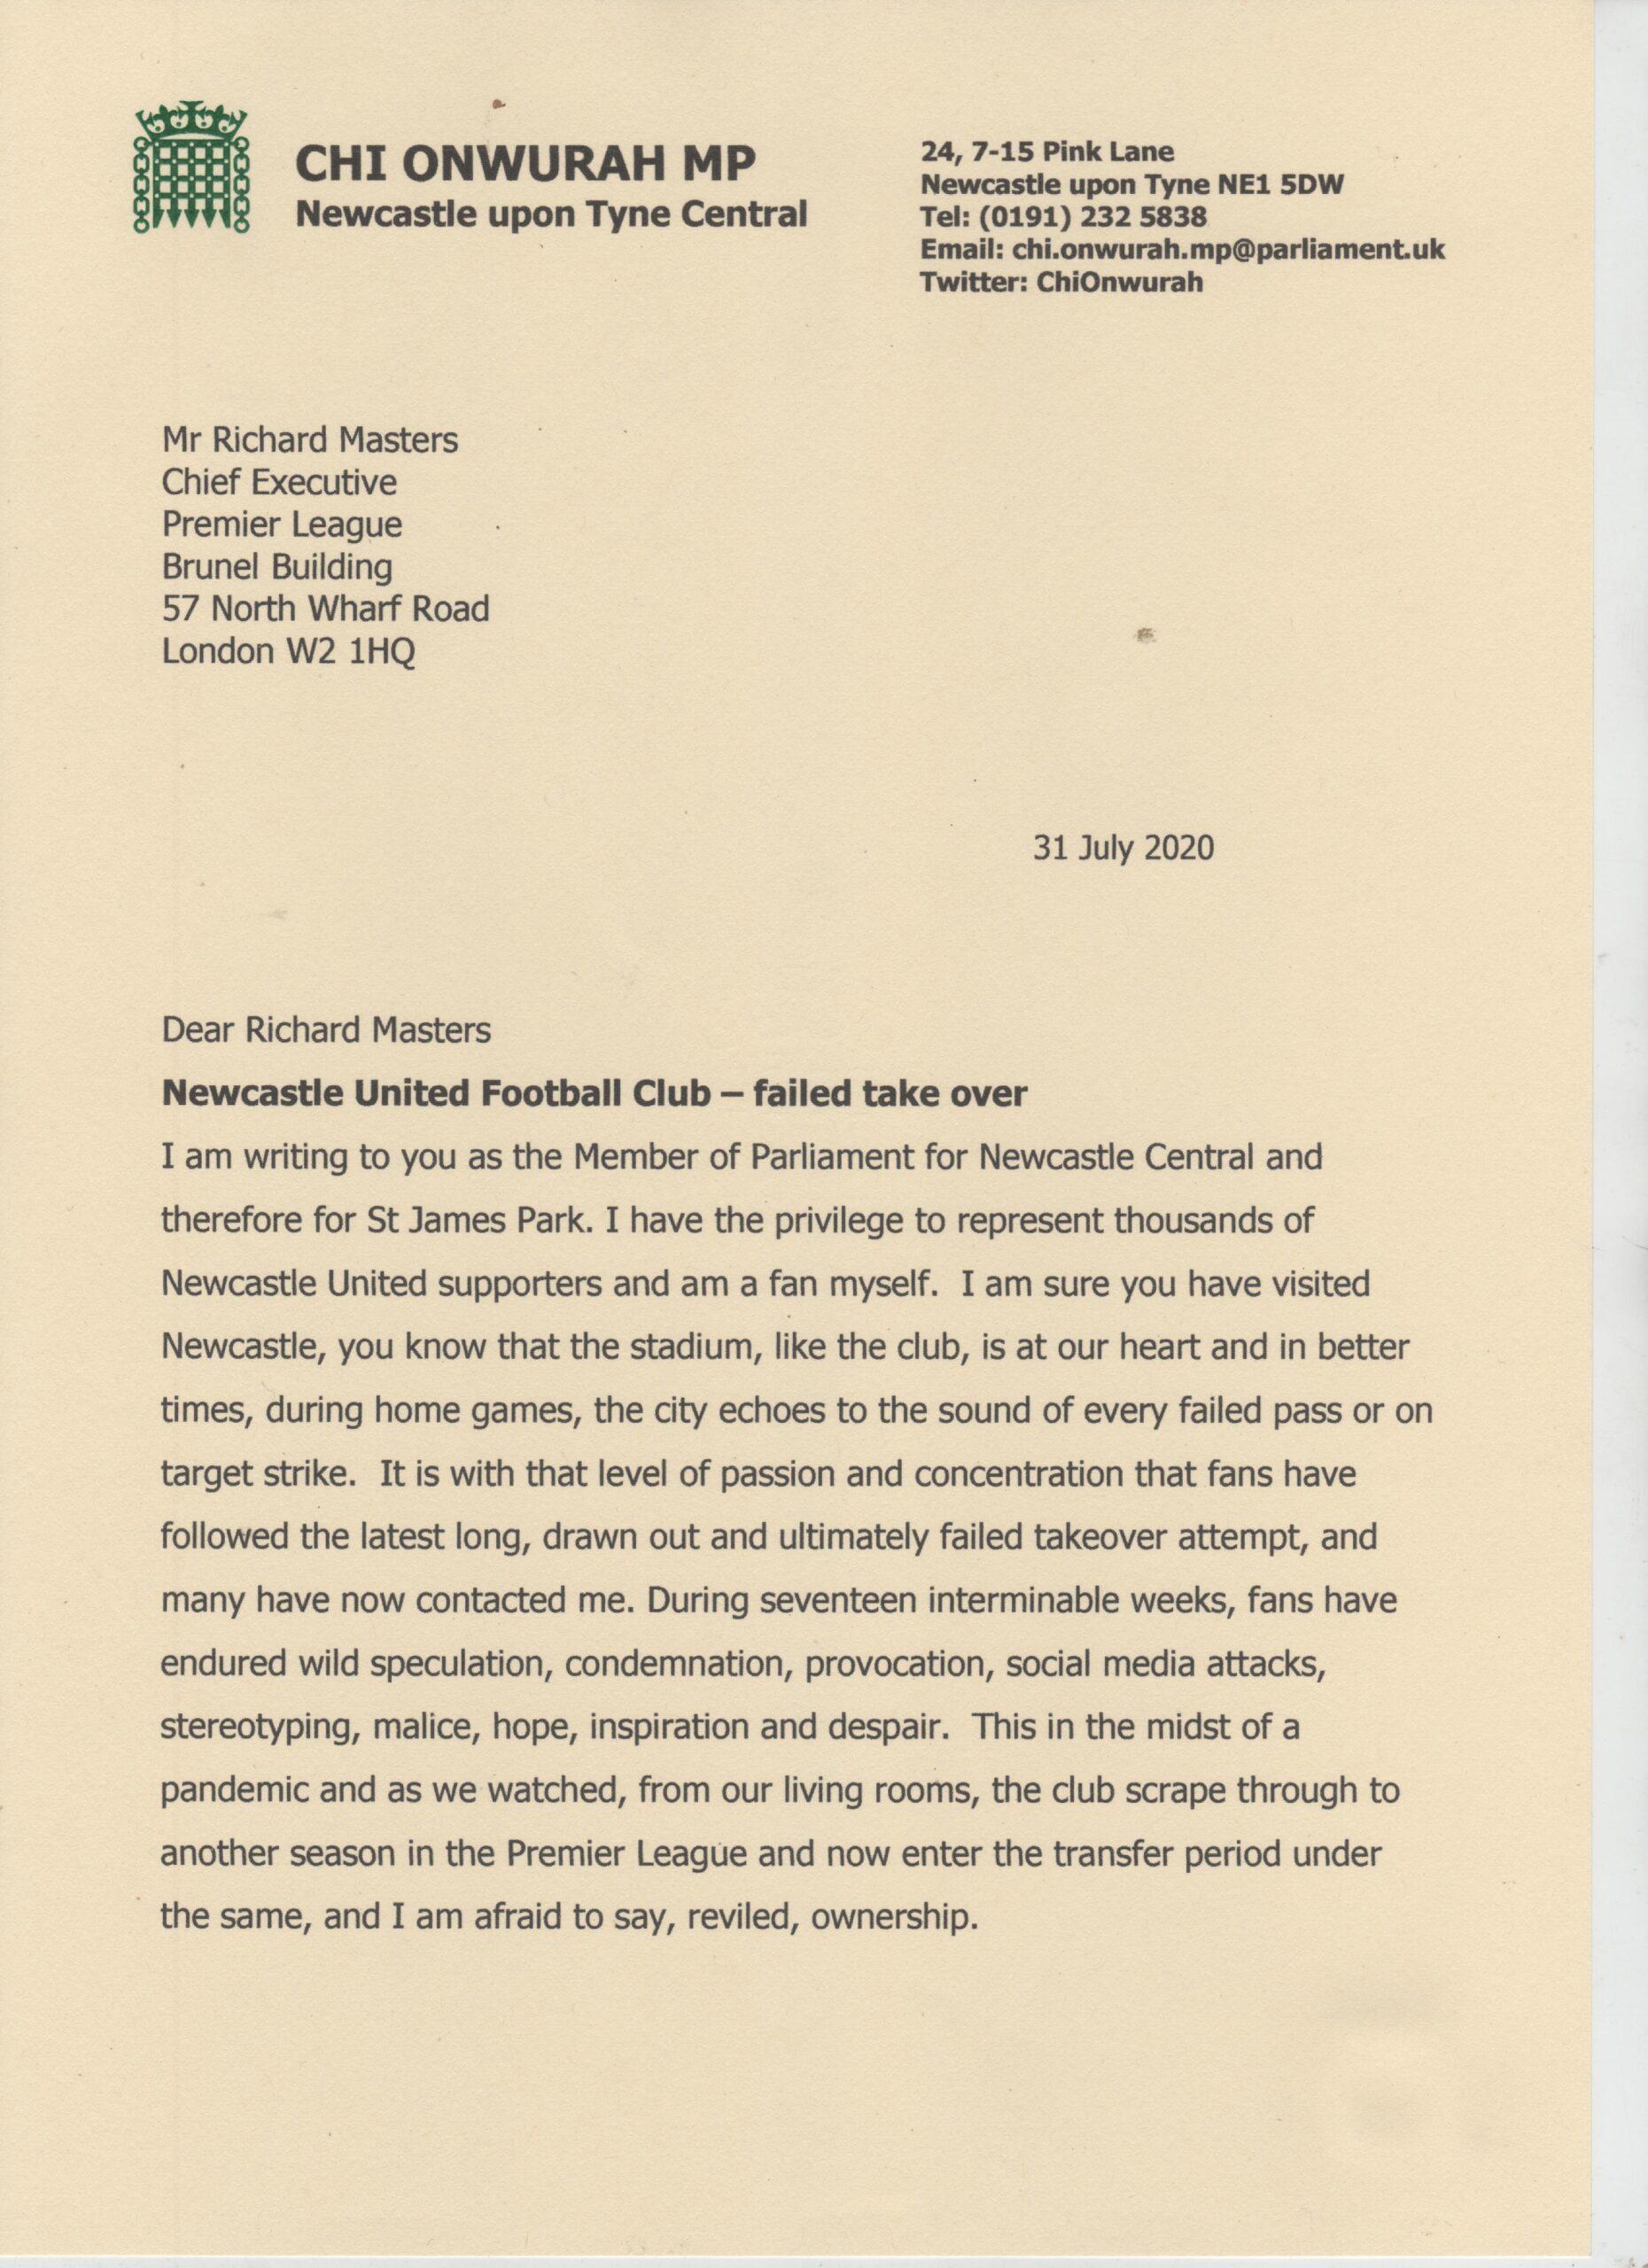 Newcastle United Football Club – failed take over